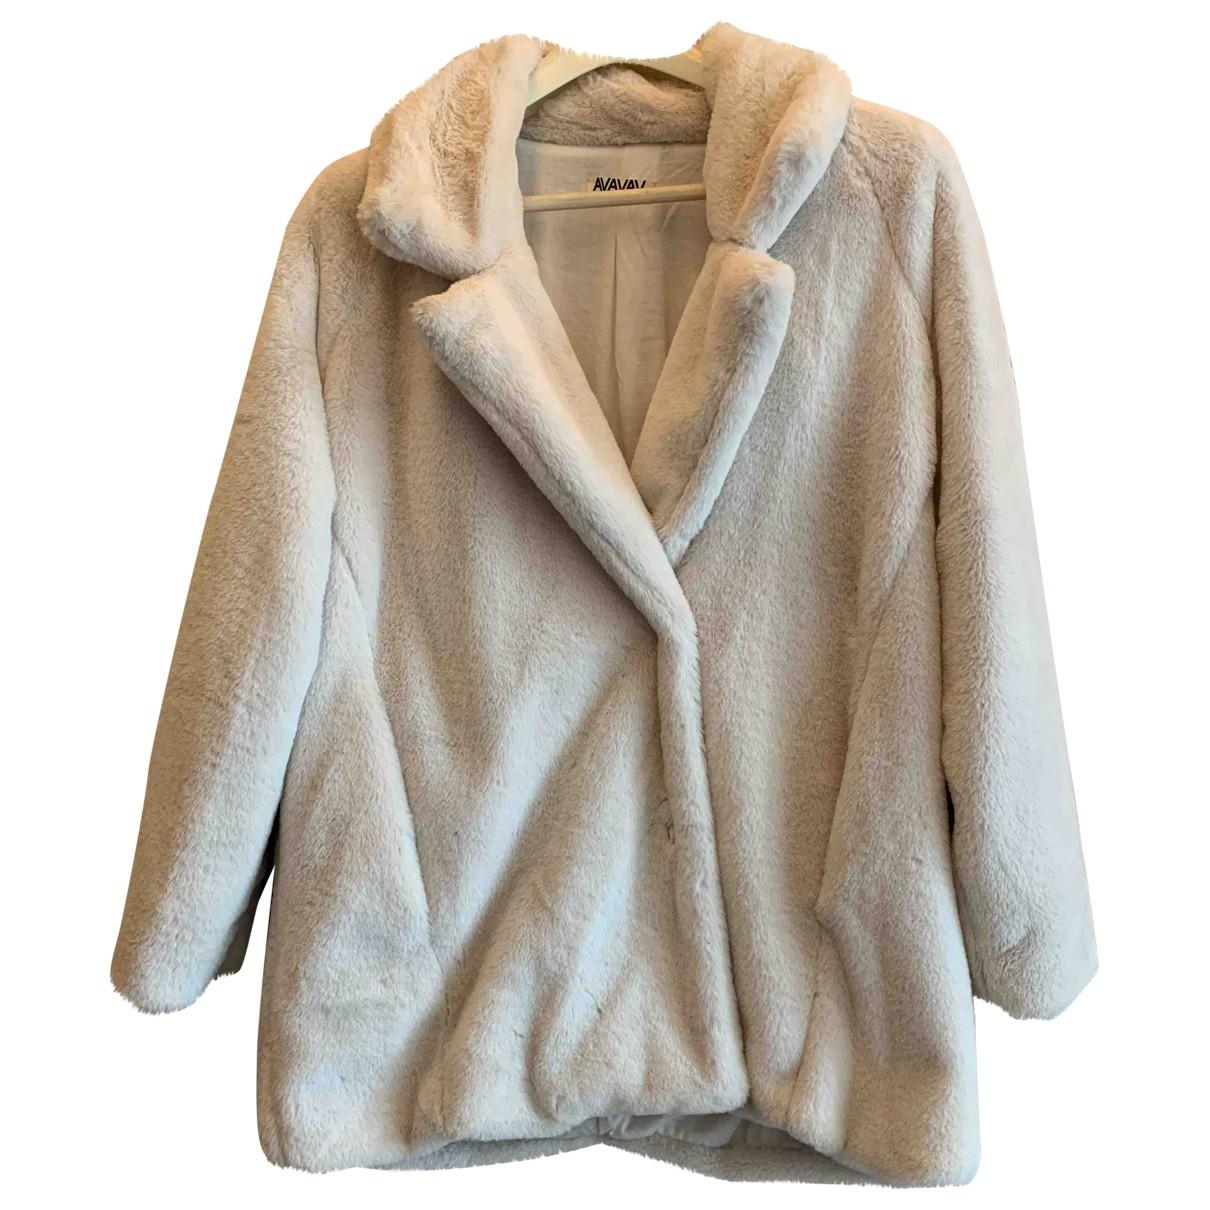 Avavav - Manteau   pour femme en fourrure synthetique - blanc